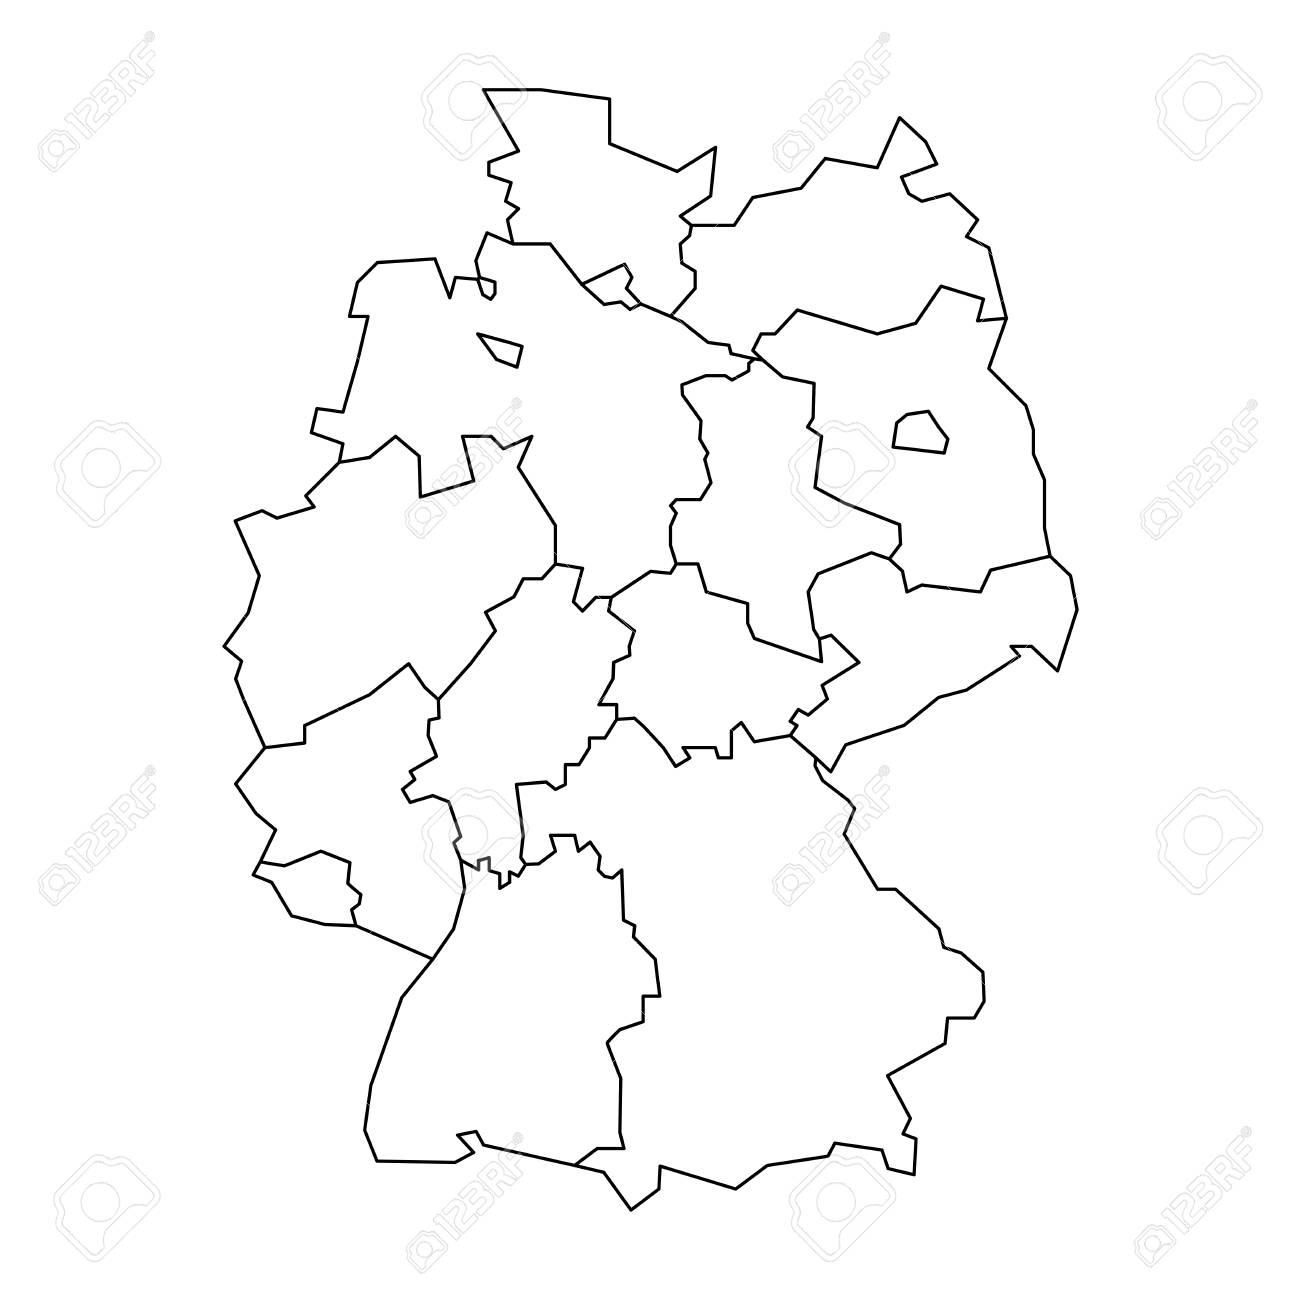 Carte Allemagne Divisee.Carte De L Allemagne Divisee En 13 Etats Federaux Et 3 Villes Etats Berlin Breme Et Hambourg En Europe Carte Vectorielle Blanche Plate Et Simple